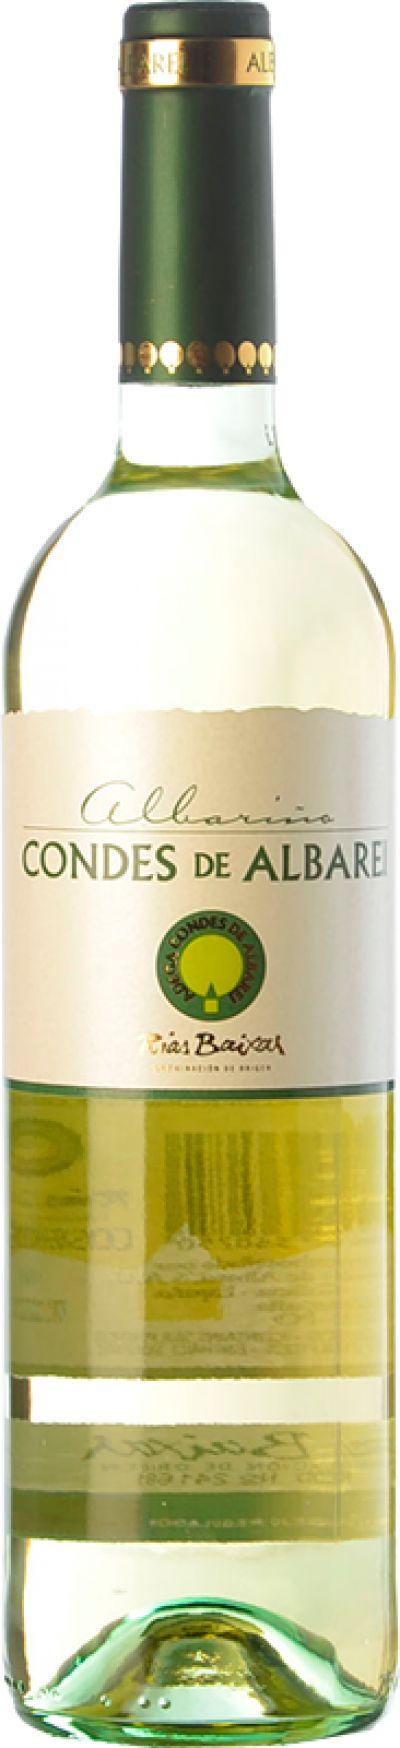 Condes De Albarei 2018 3/8 (24 Botellas De 37.5cl)